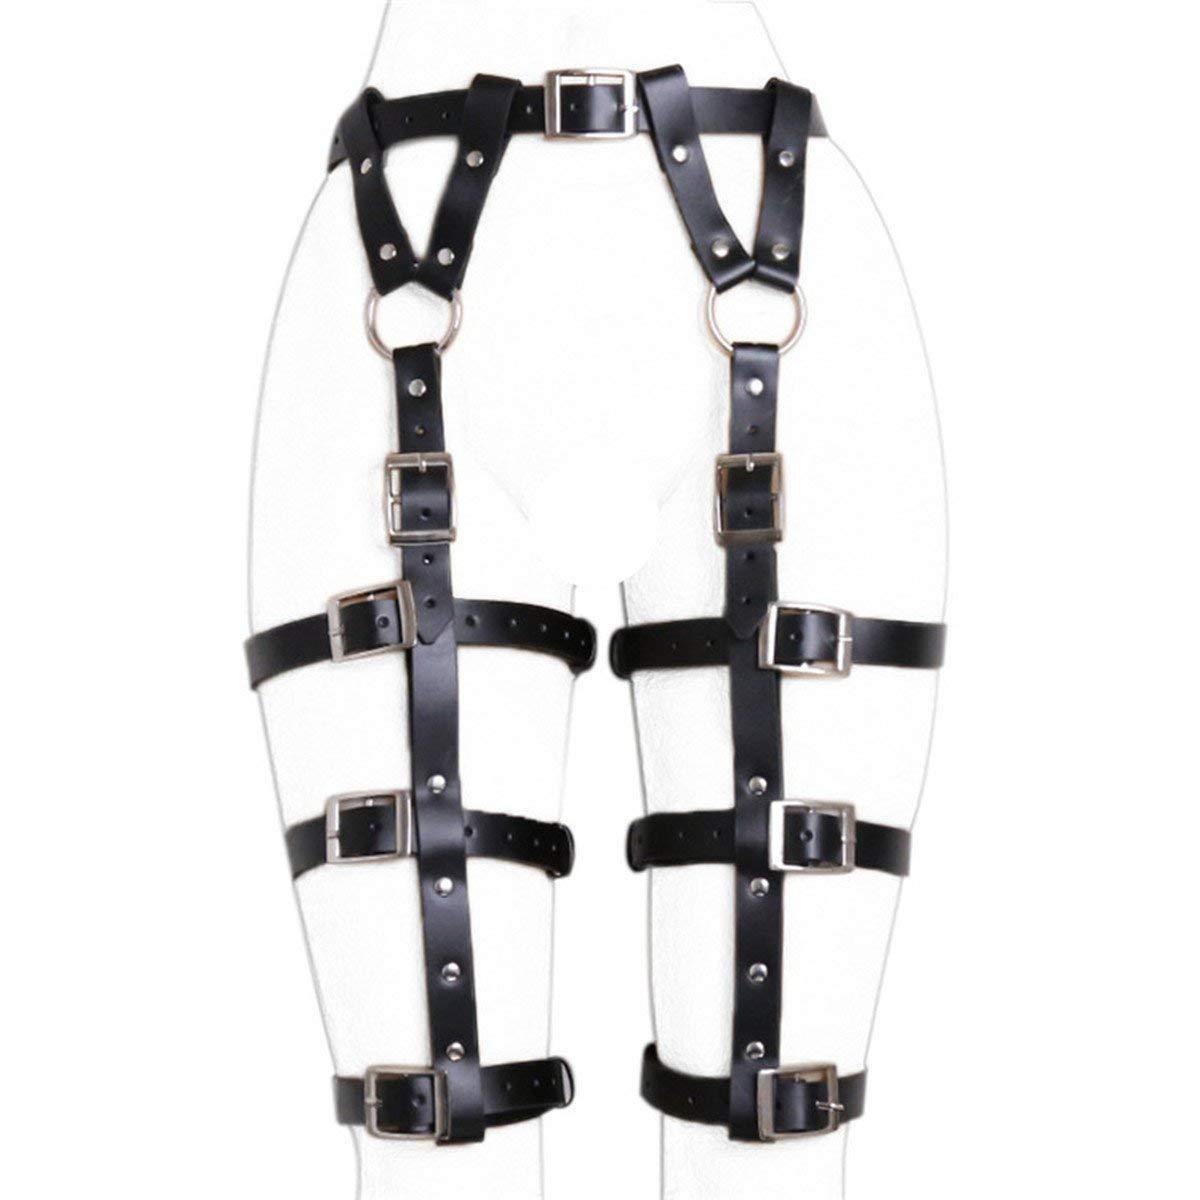 Garter belt fetish,Garter belt lingerie,Garter belt,Black garter belt,Harness garter,Leather garter belt,Harness belt,Leg garter,Mature